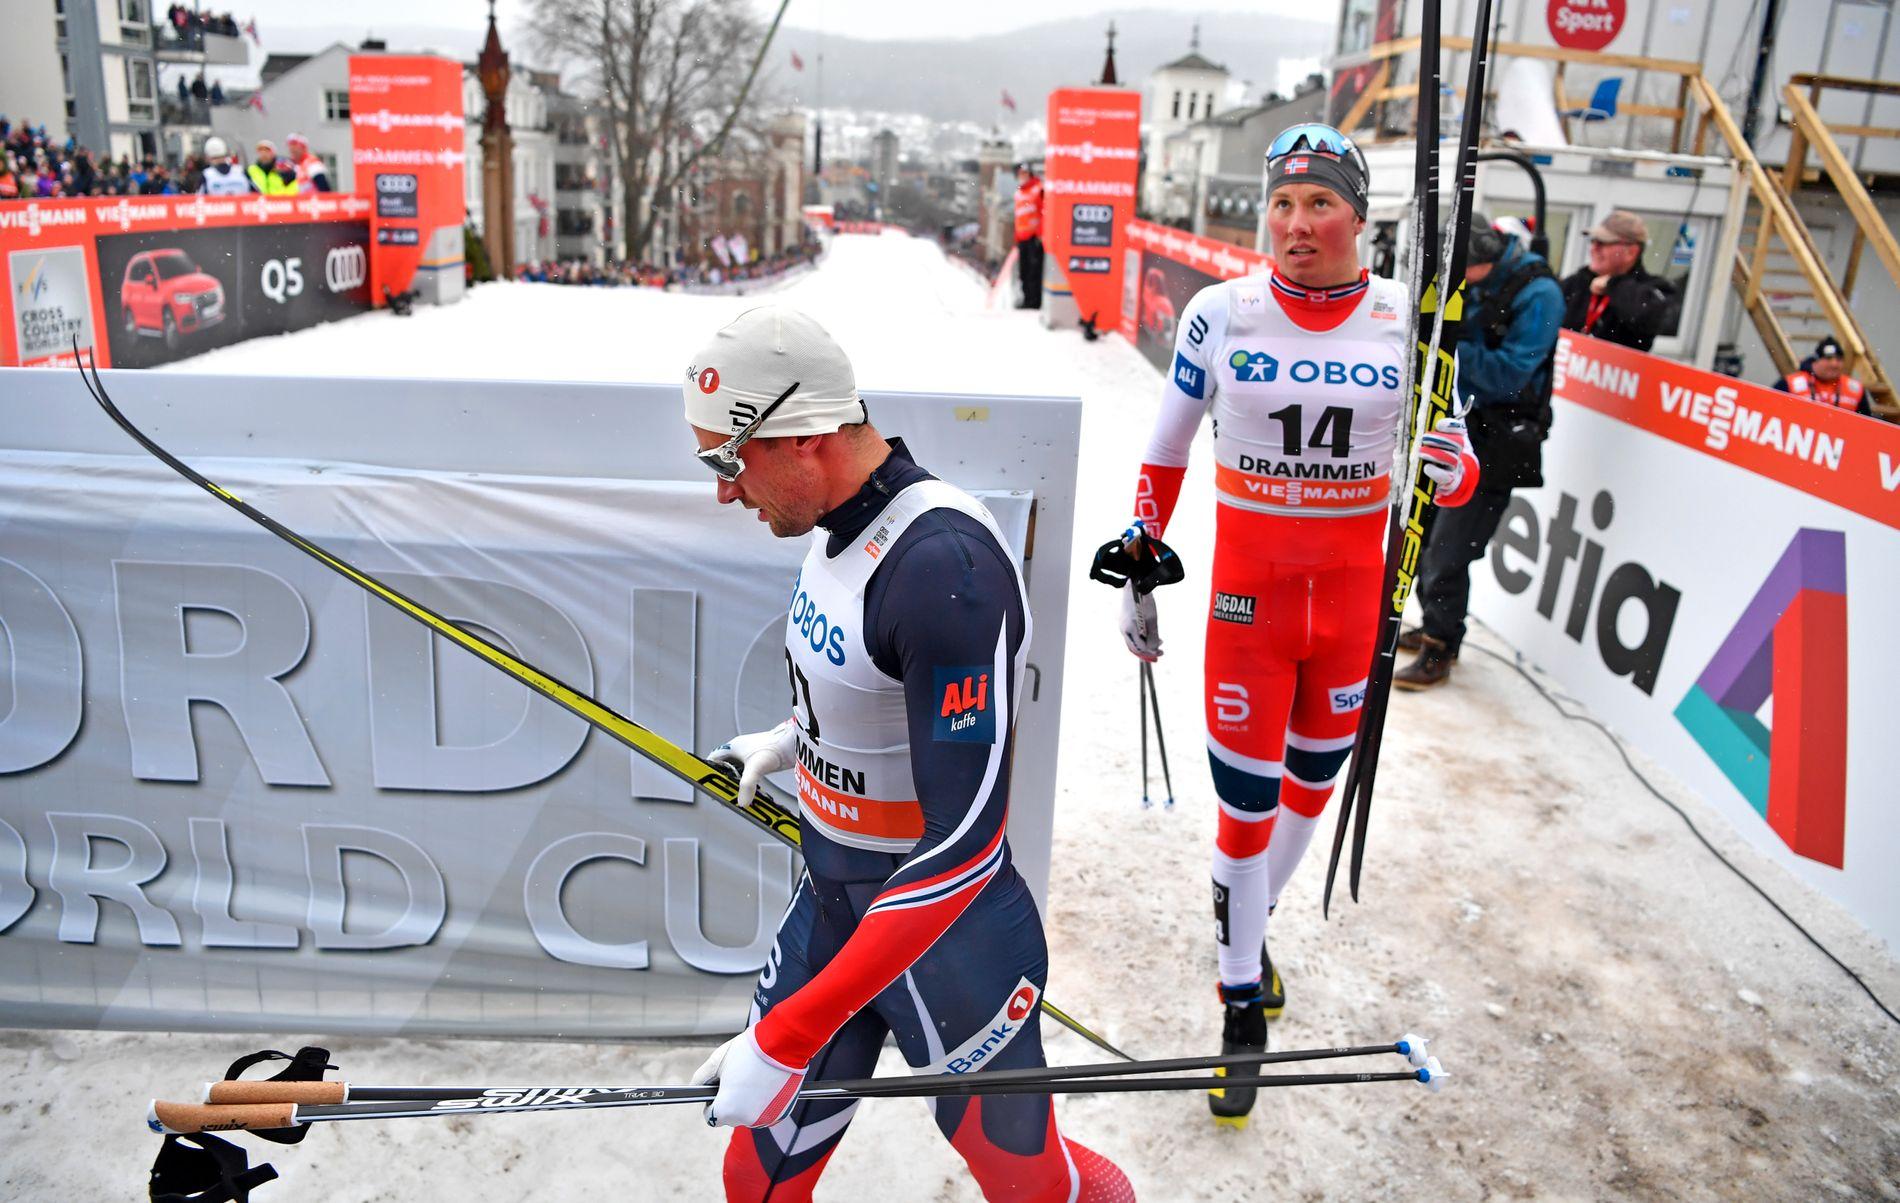 VIDERE OG UTSLÅTT: Petter Northug (venstre) gjør seg klar for finale, mens Emil Iversen konstaterer at det er stopp i semifinalen under sprinten i Drammen i dag.